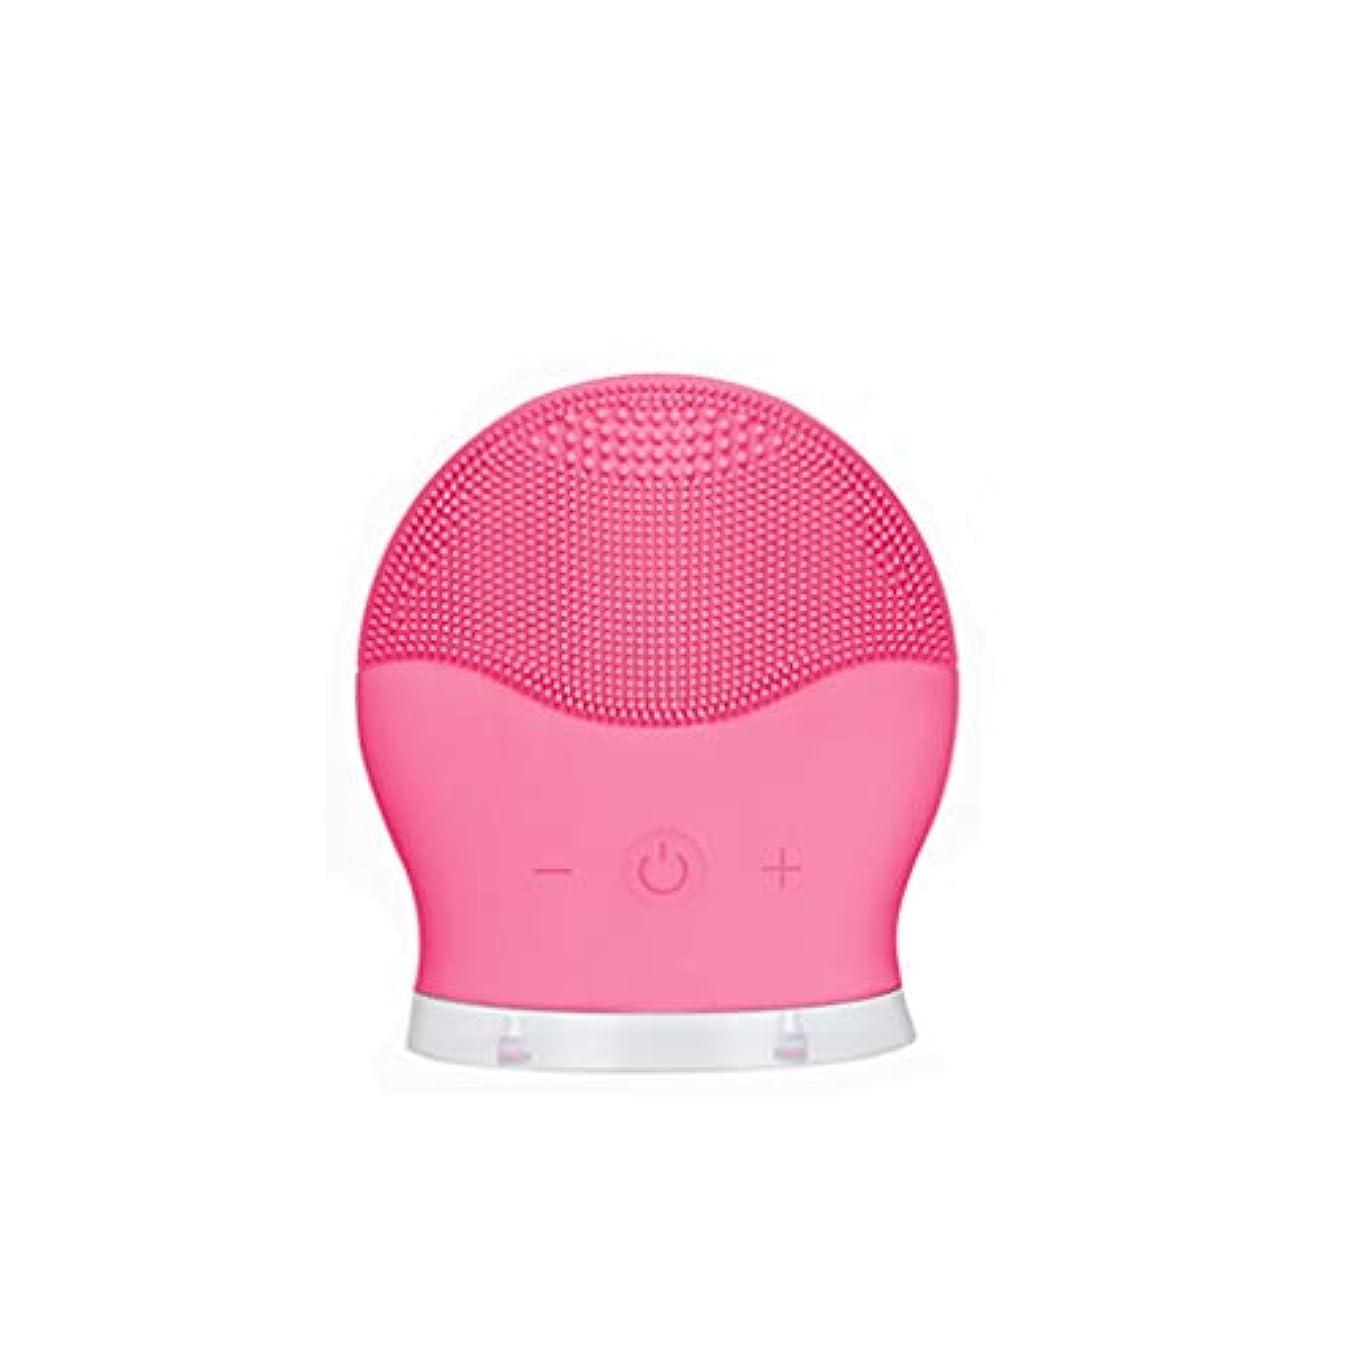 カテゴリー確立しますリラックスポータブル超音波振動シリコーンクレンジング機器、アンチエイジング顔マッサージ、毛穴を減らすために、皮膚を改善する剥離,Rosered